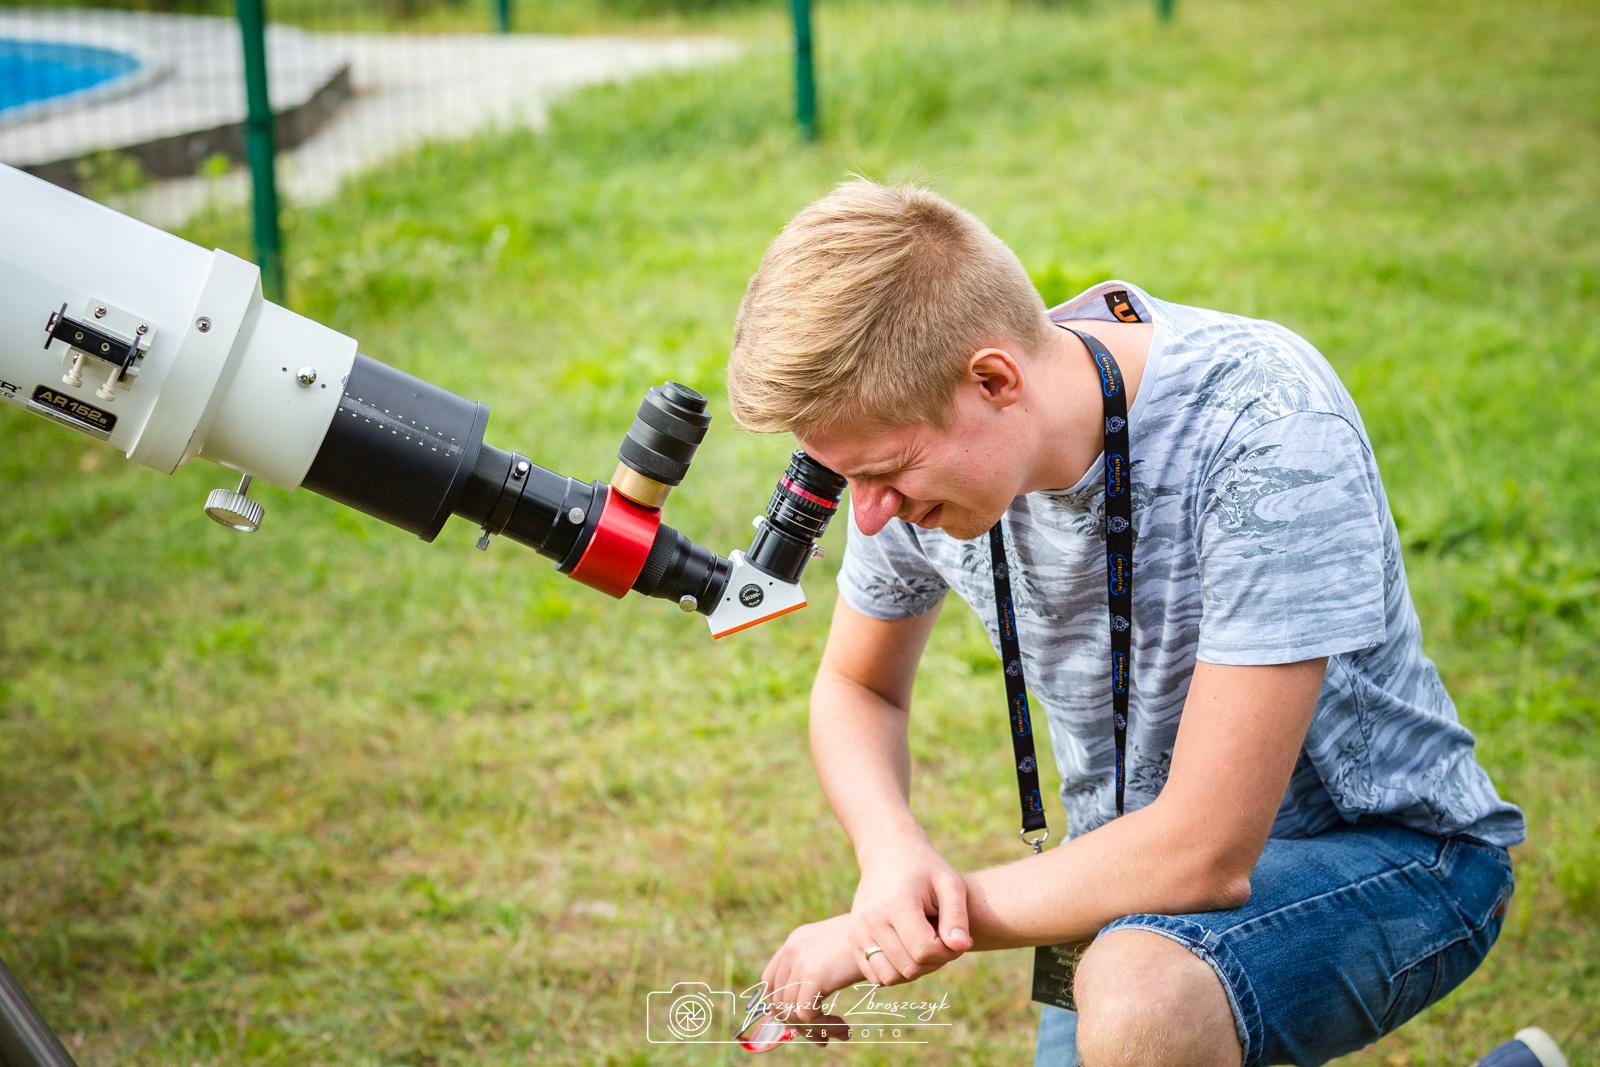 Astrozlot - Kraina nad Tanwią - wrzesień 2018   17.jpg